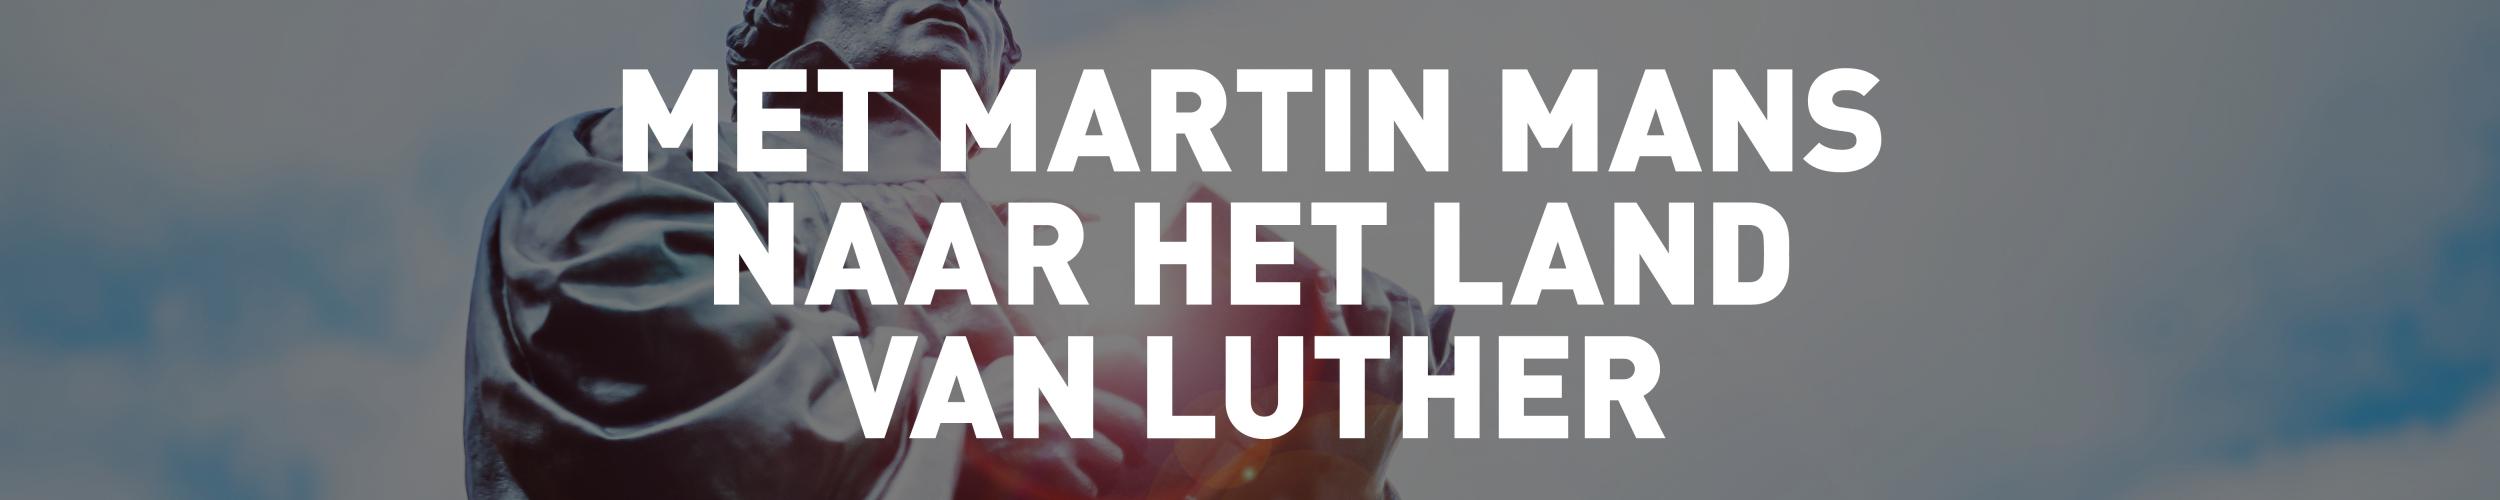 Samen met Martin Mans naar het Land van Luther, schrijf u hier in!